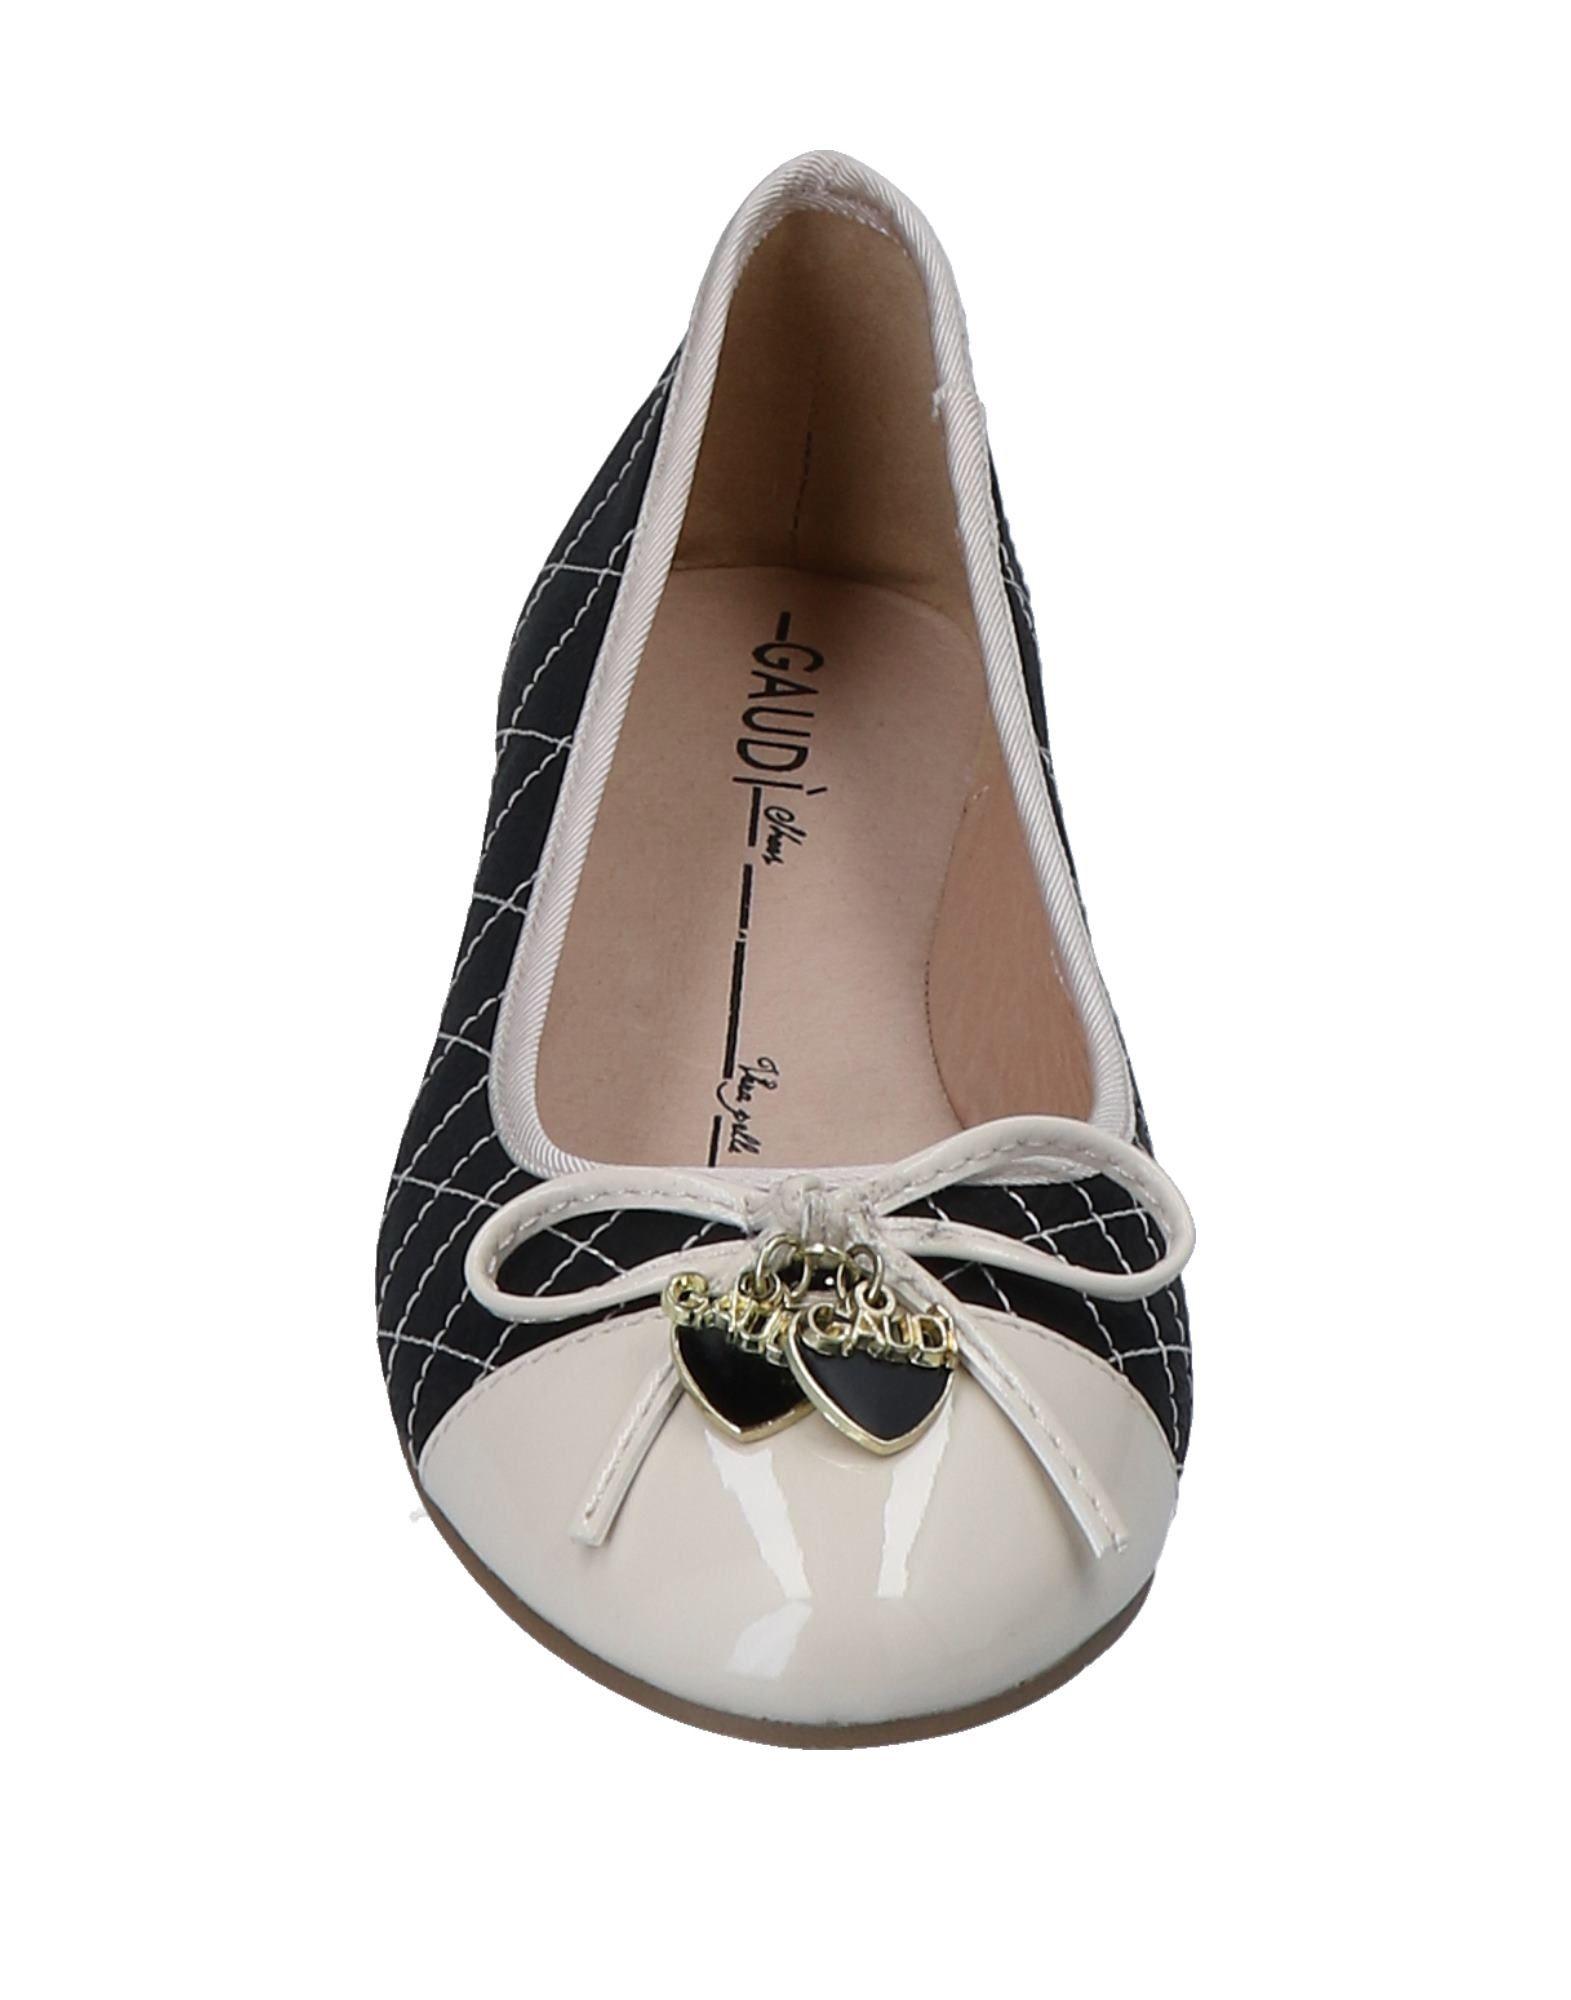 Gaudì Ballerinas Damen Gutes Preis-Leistungs-Verhältnis, Preis-Leistungs-Verhältnis, Preis-Leistungs-Verhältnis, es lohnt sich 3ac71c